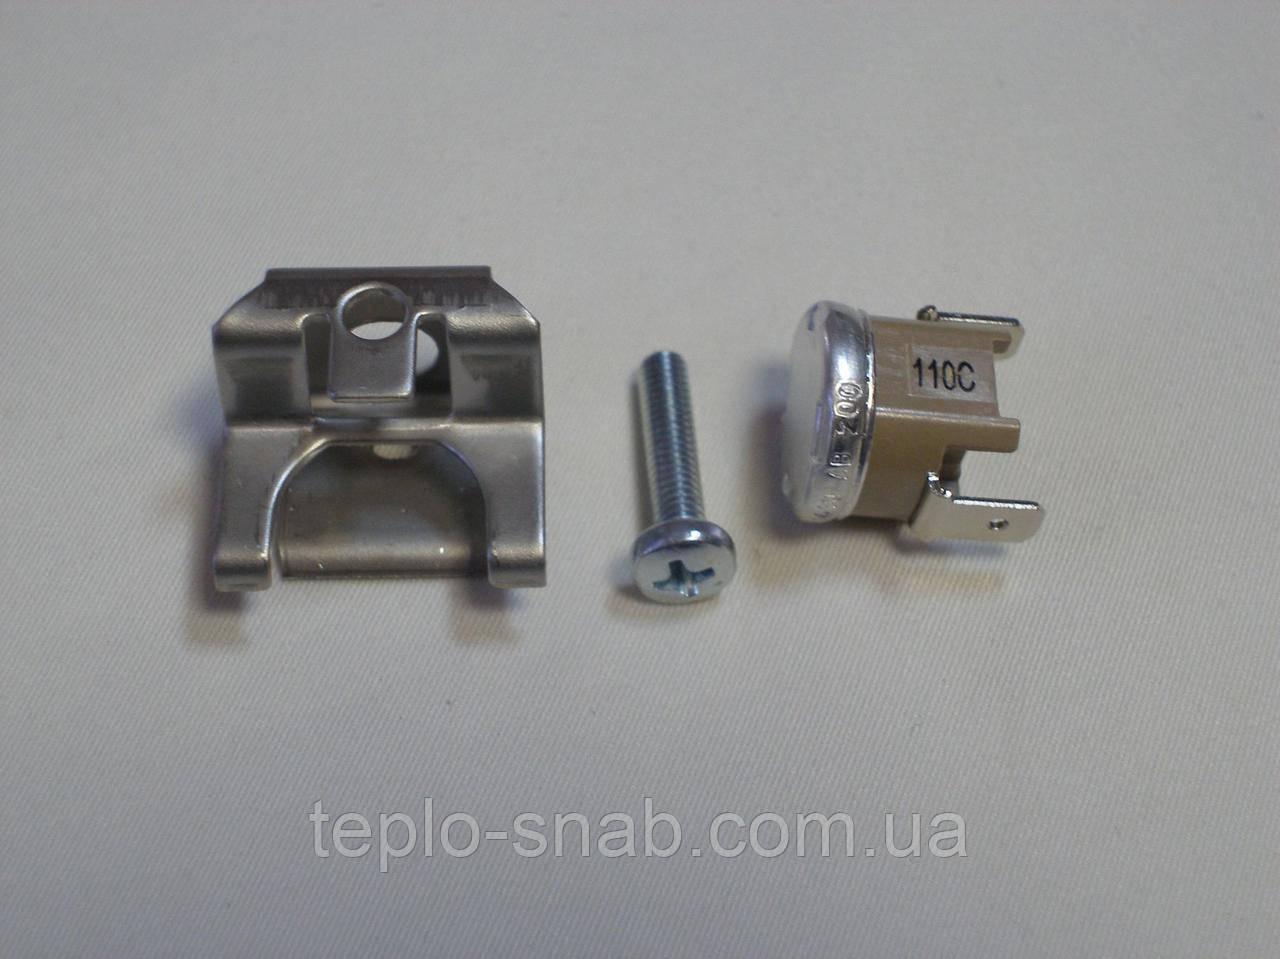 Запобіжний термостат по перегріву теплоносія 110°С газової колонки Junkers WR,ZW,ZWE. 8717206162